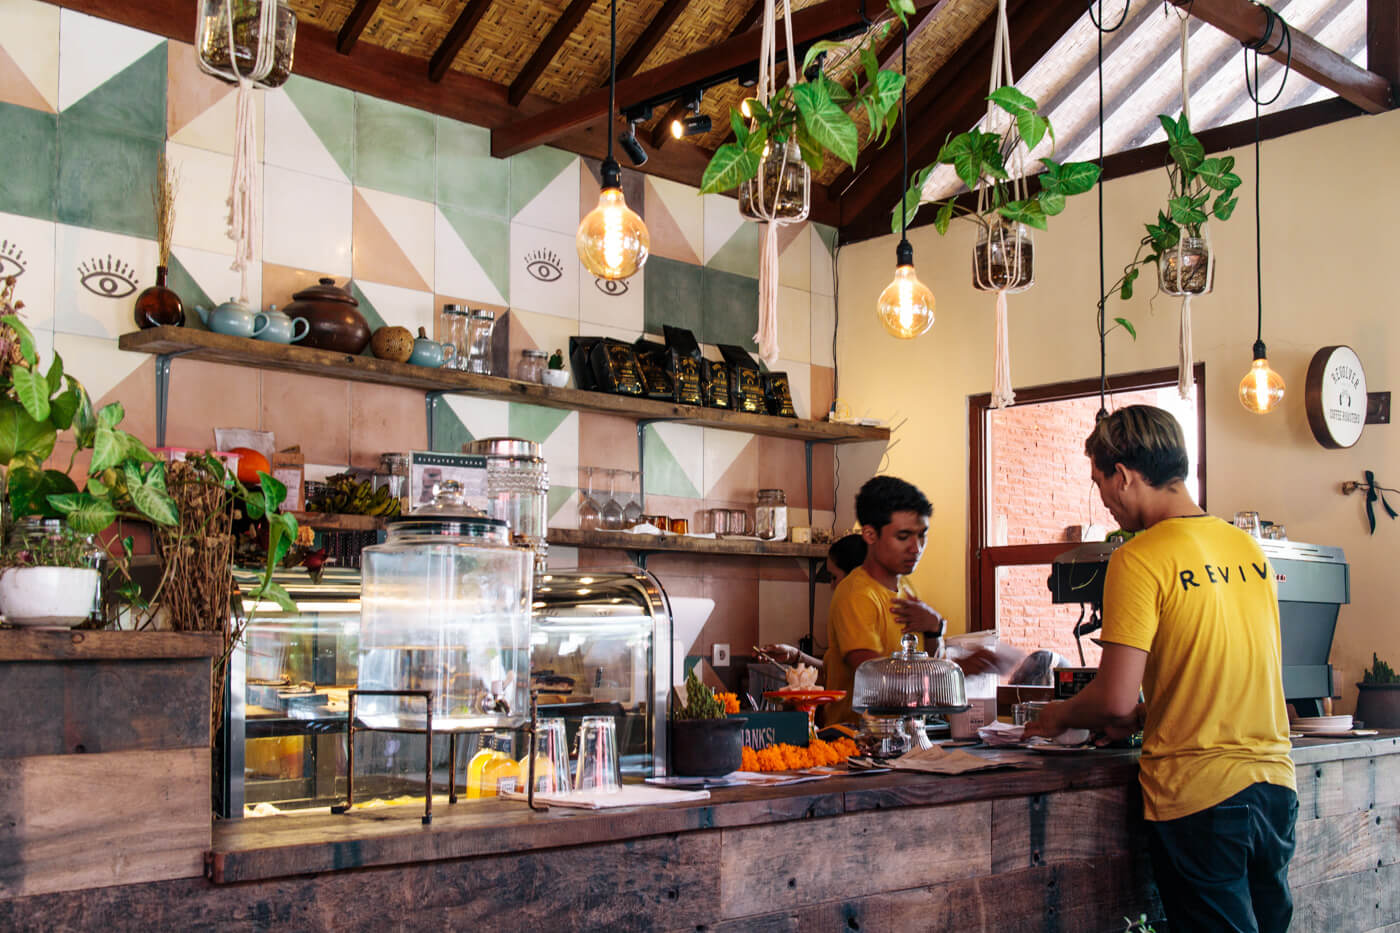 ヒップなインテリアが特徴的なRevive Cafe